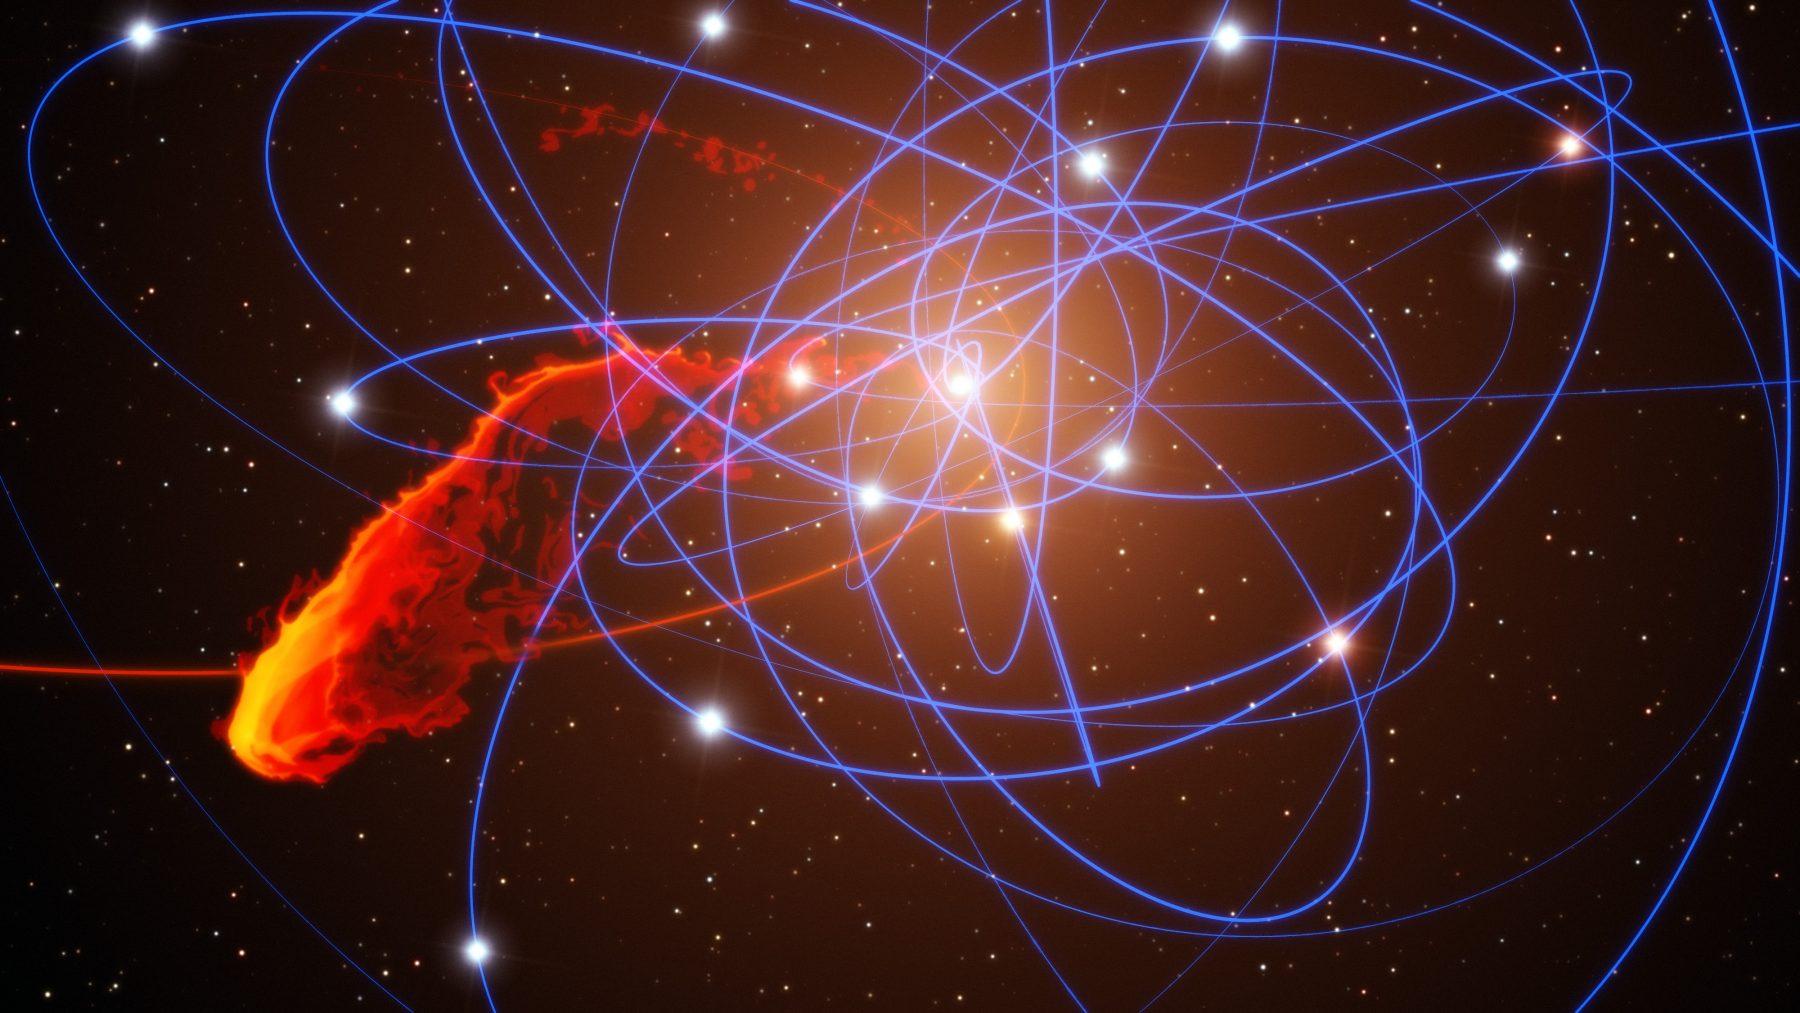 ブラックホールのすぐ近くをガス塊が通り過ぎた様子の想像図。